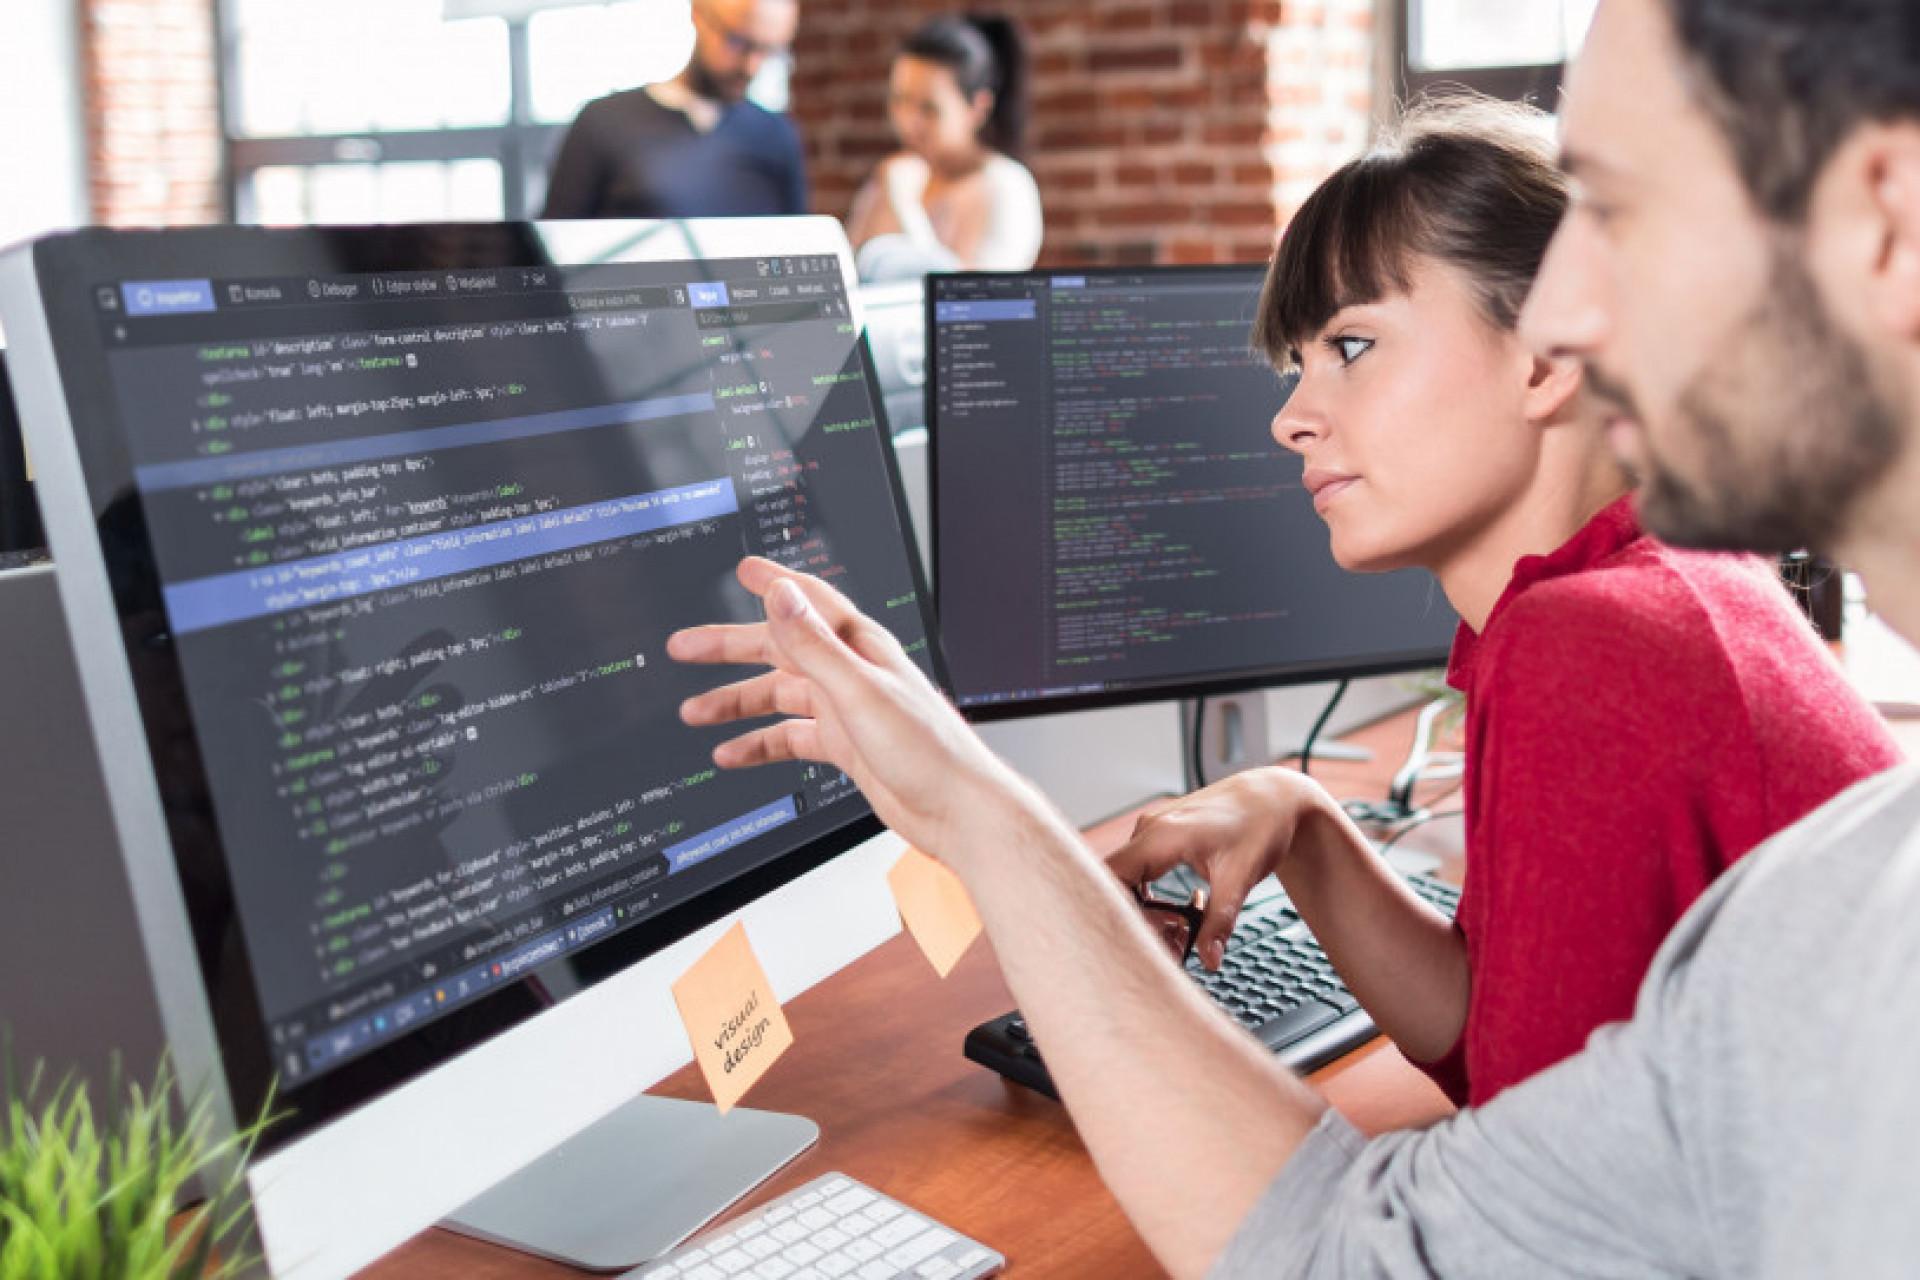 Badanie: branża IT z najniższym wskaźnikiem pracy podczas urlopów